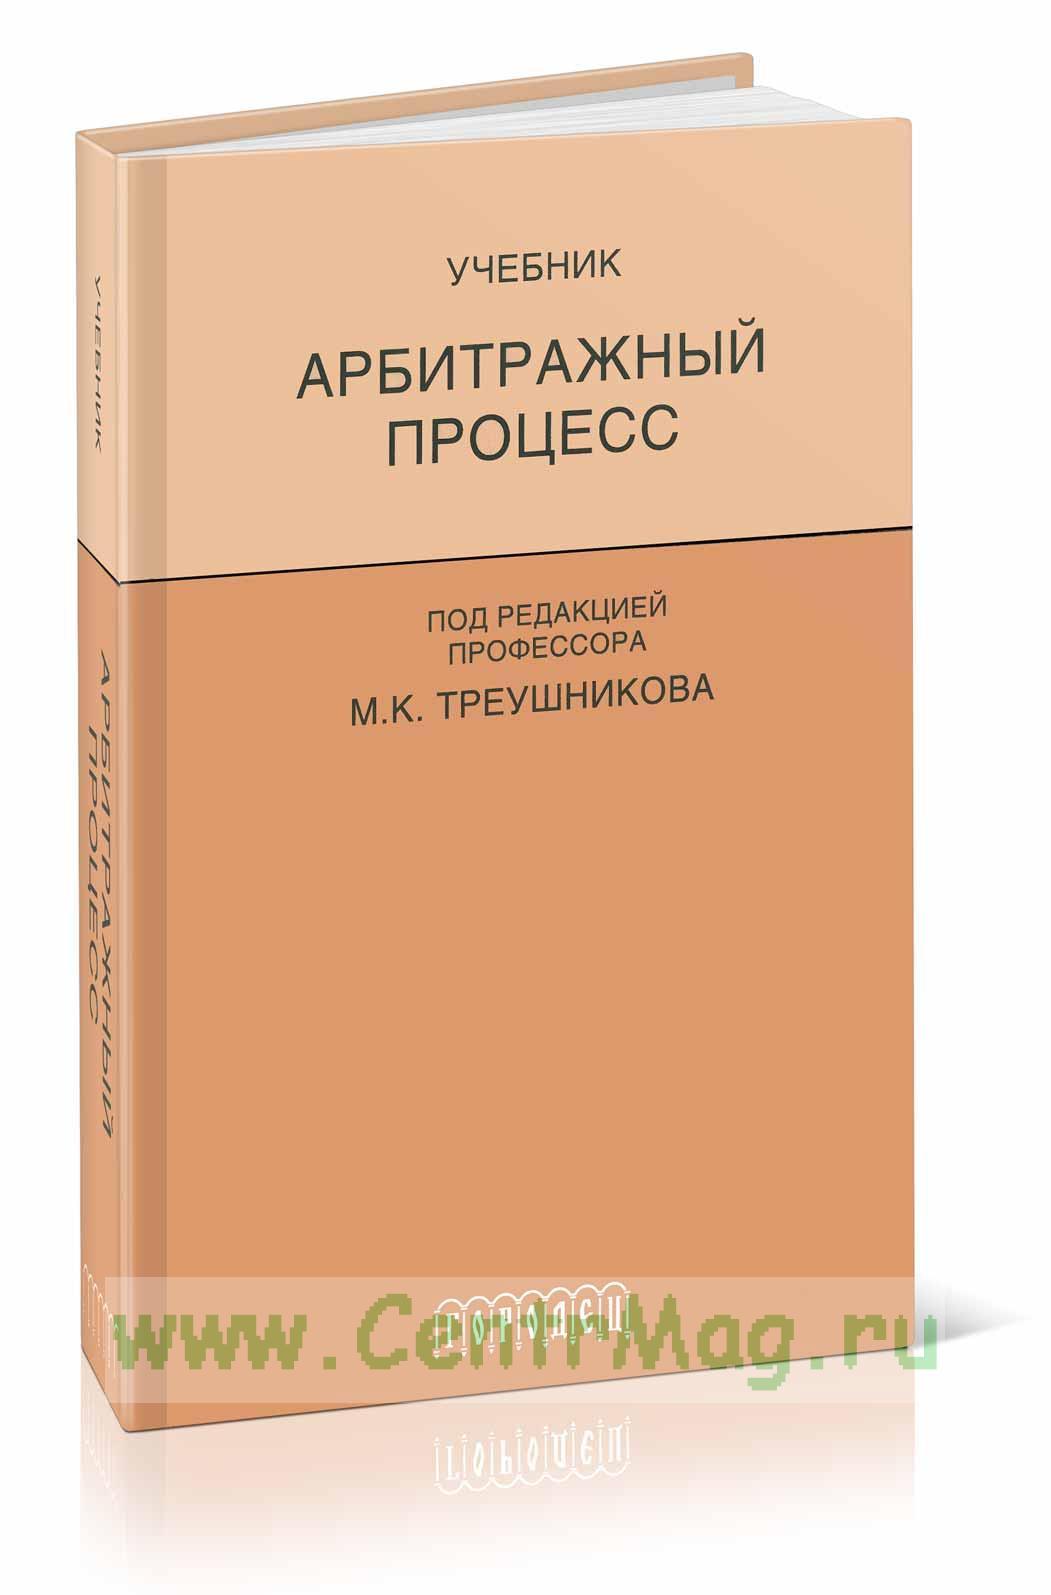 Арбитражный процесс м. К. Треушникова, учебник учебники во.